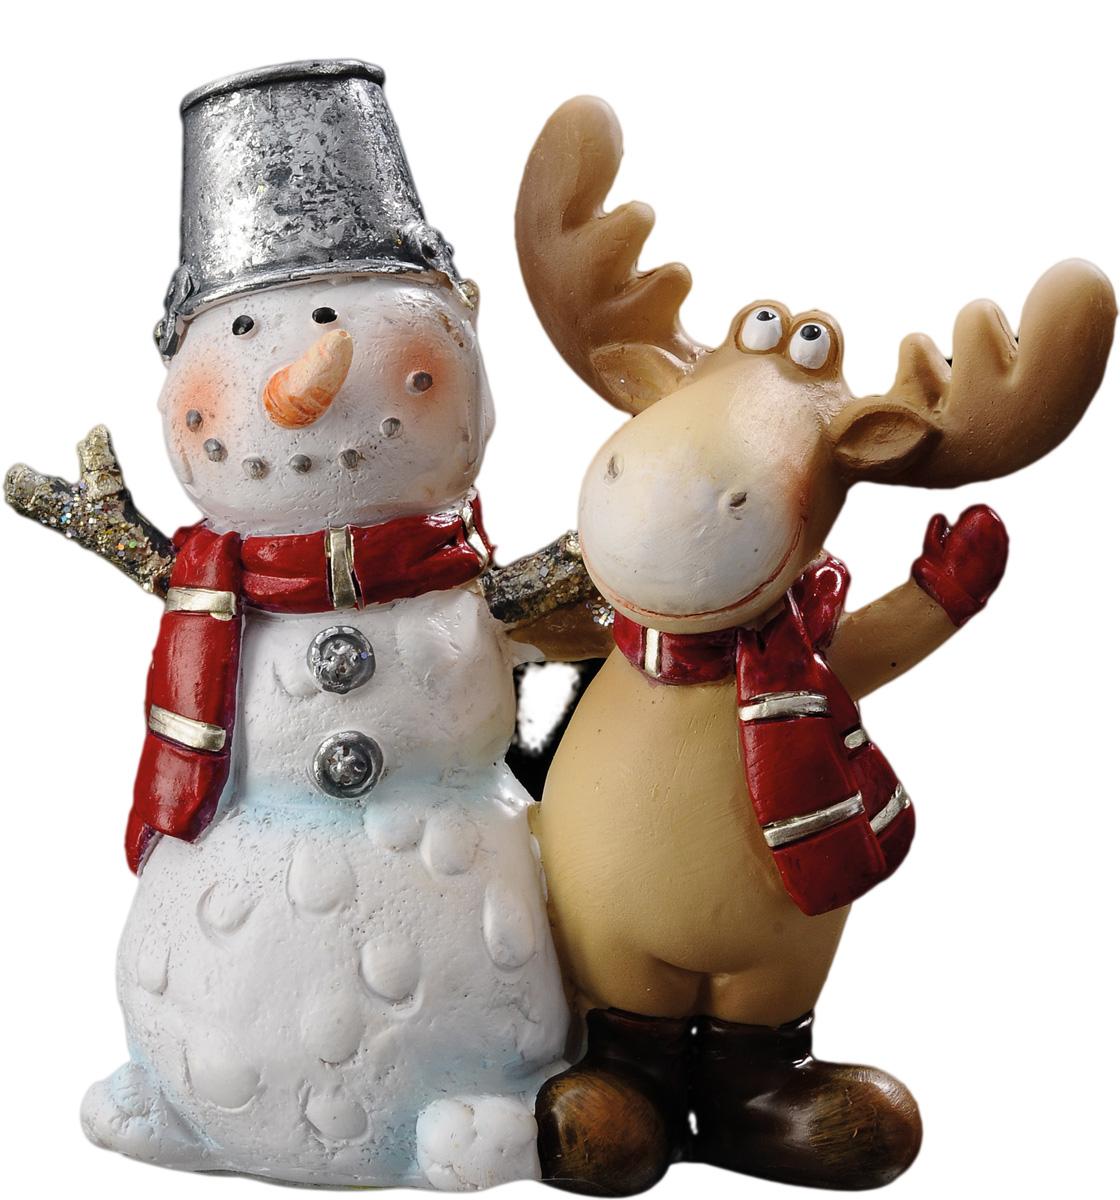 Сувенир новогодний Erich Krause Веселые ребята, 8 см. 38784 сладкий новогодний подарок детский сувенир новогодние сладости 776 г